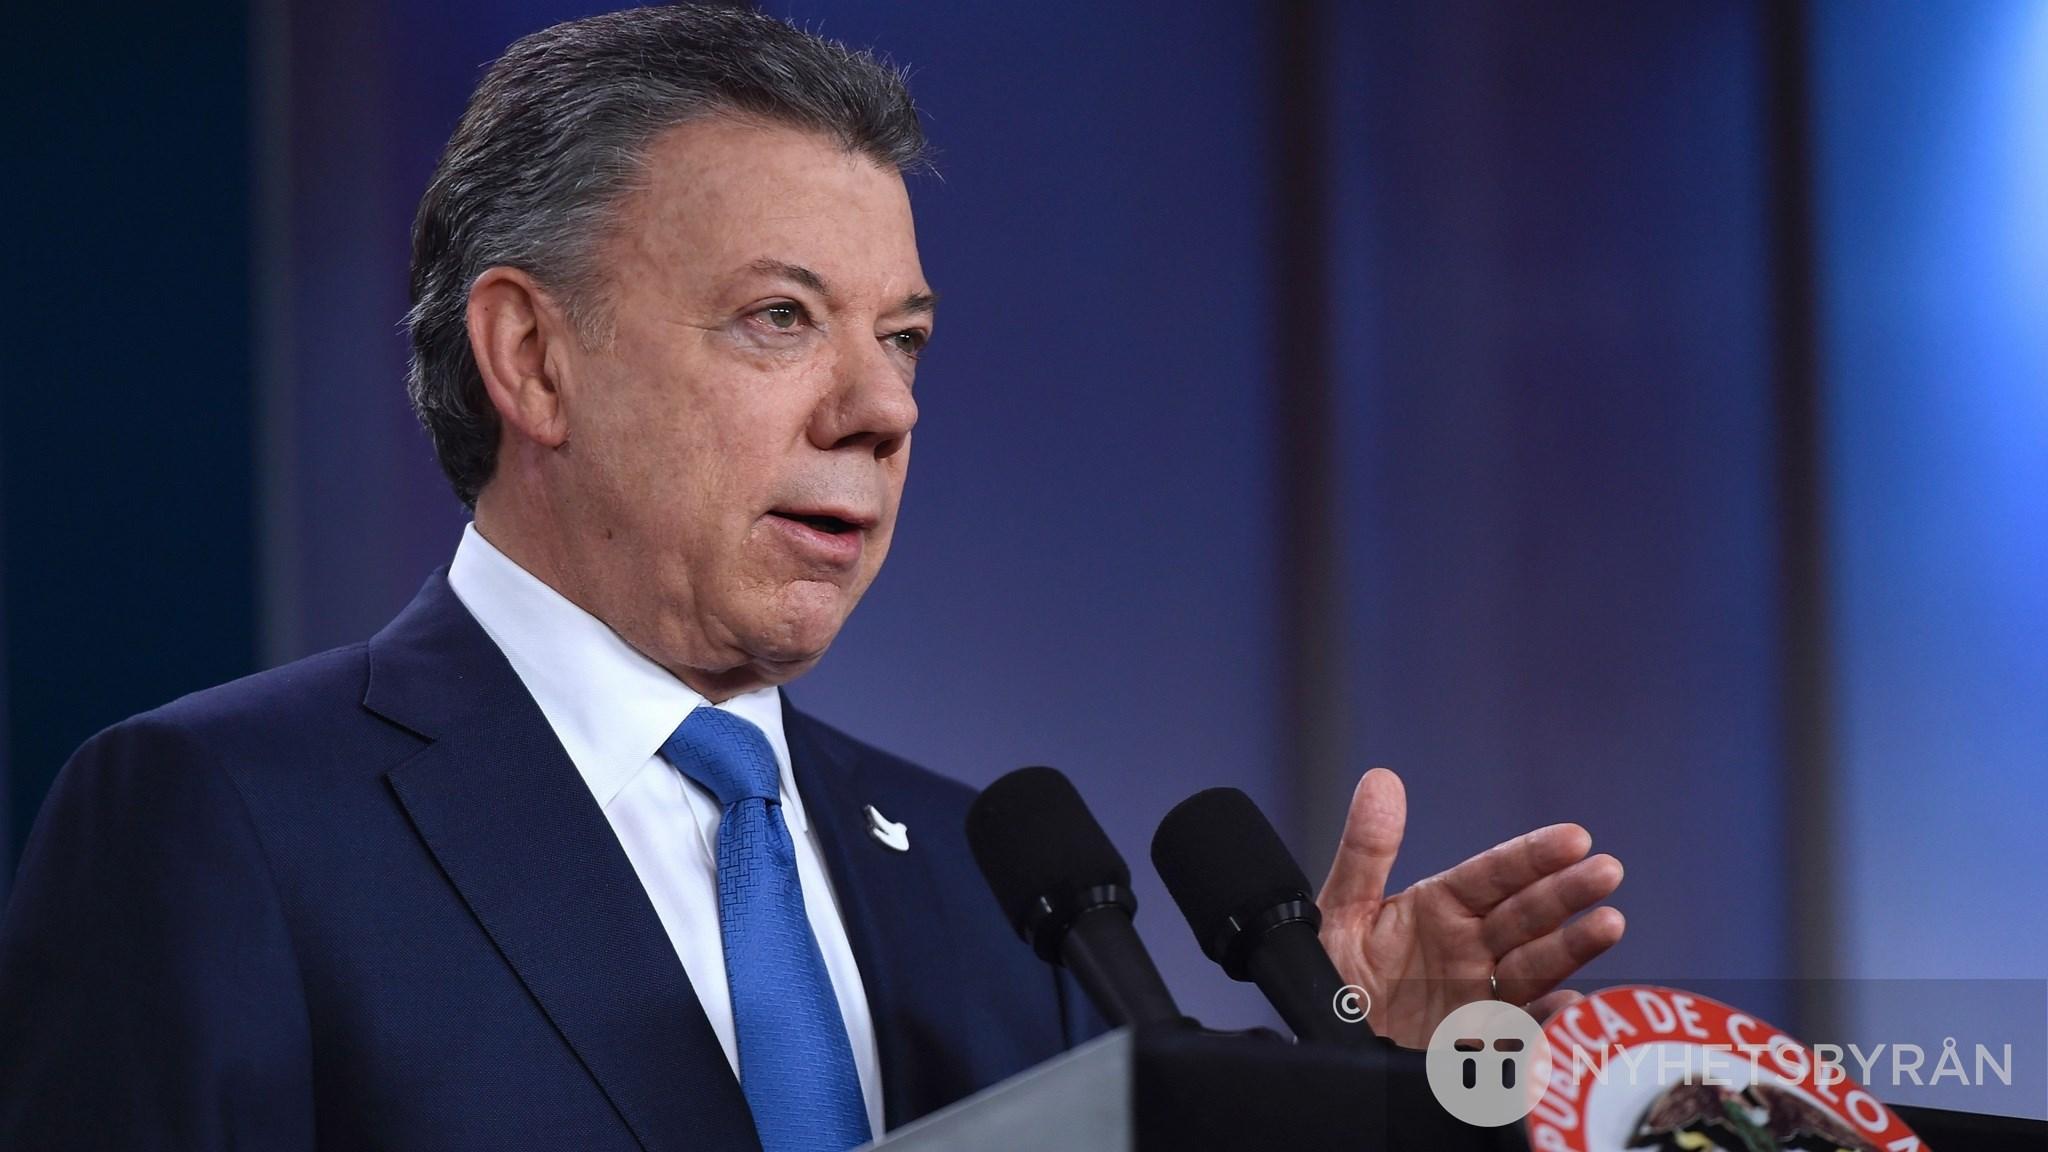 سلام كولومبيا في مهب الريح